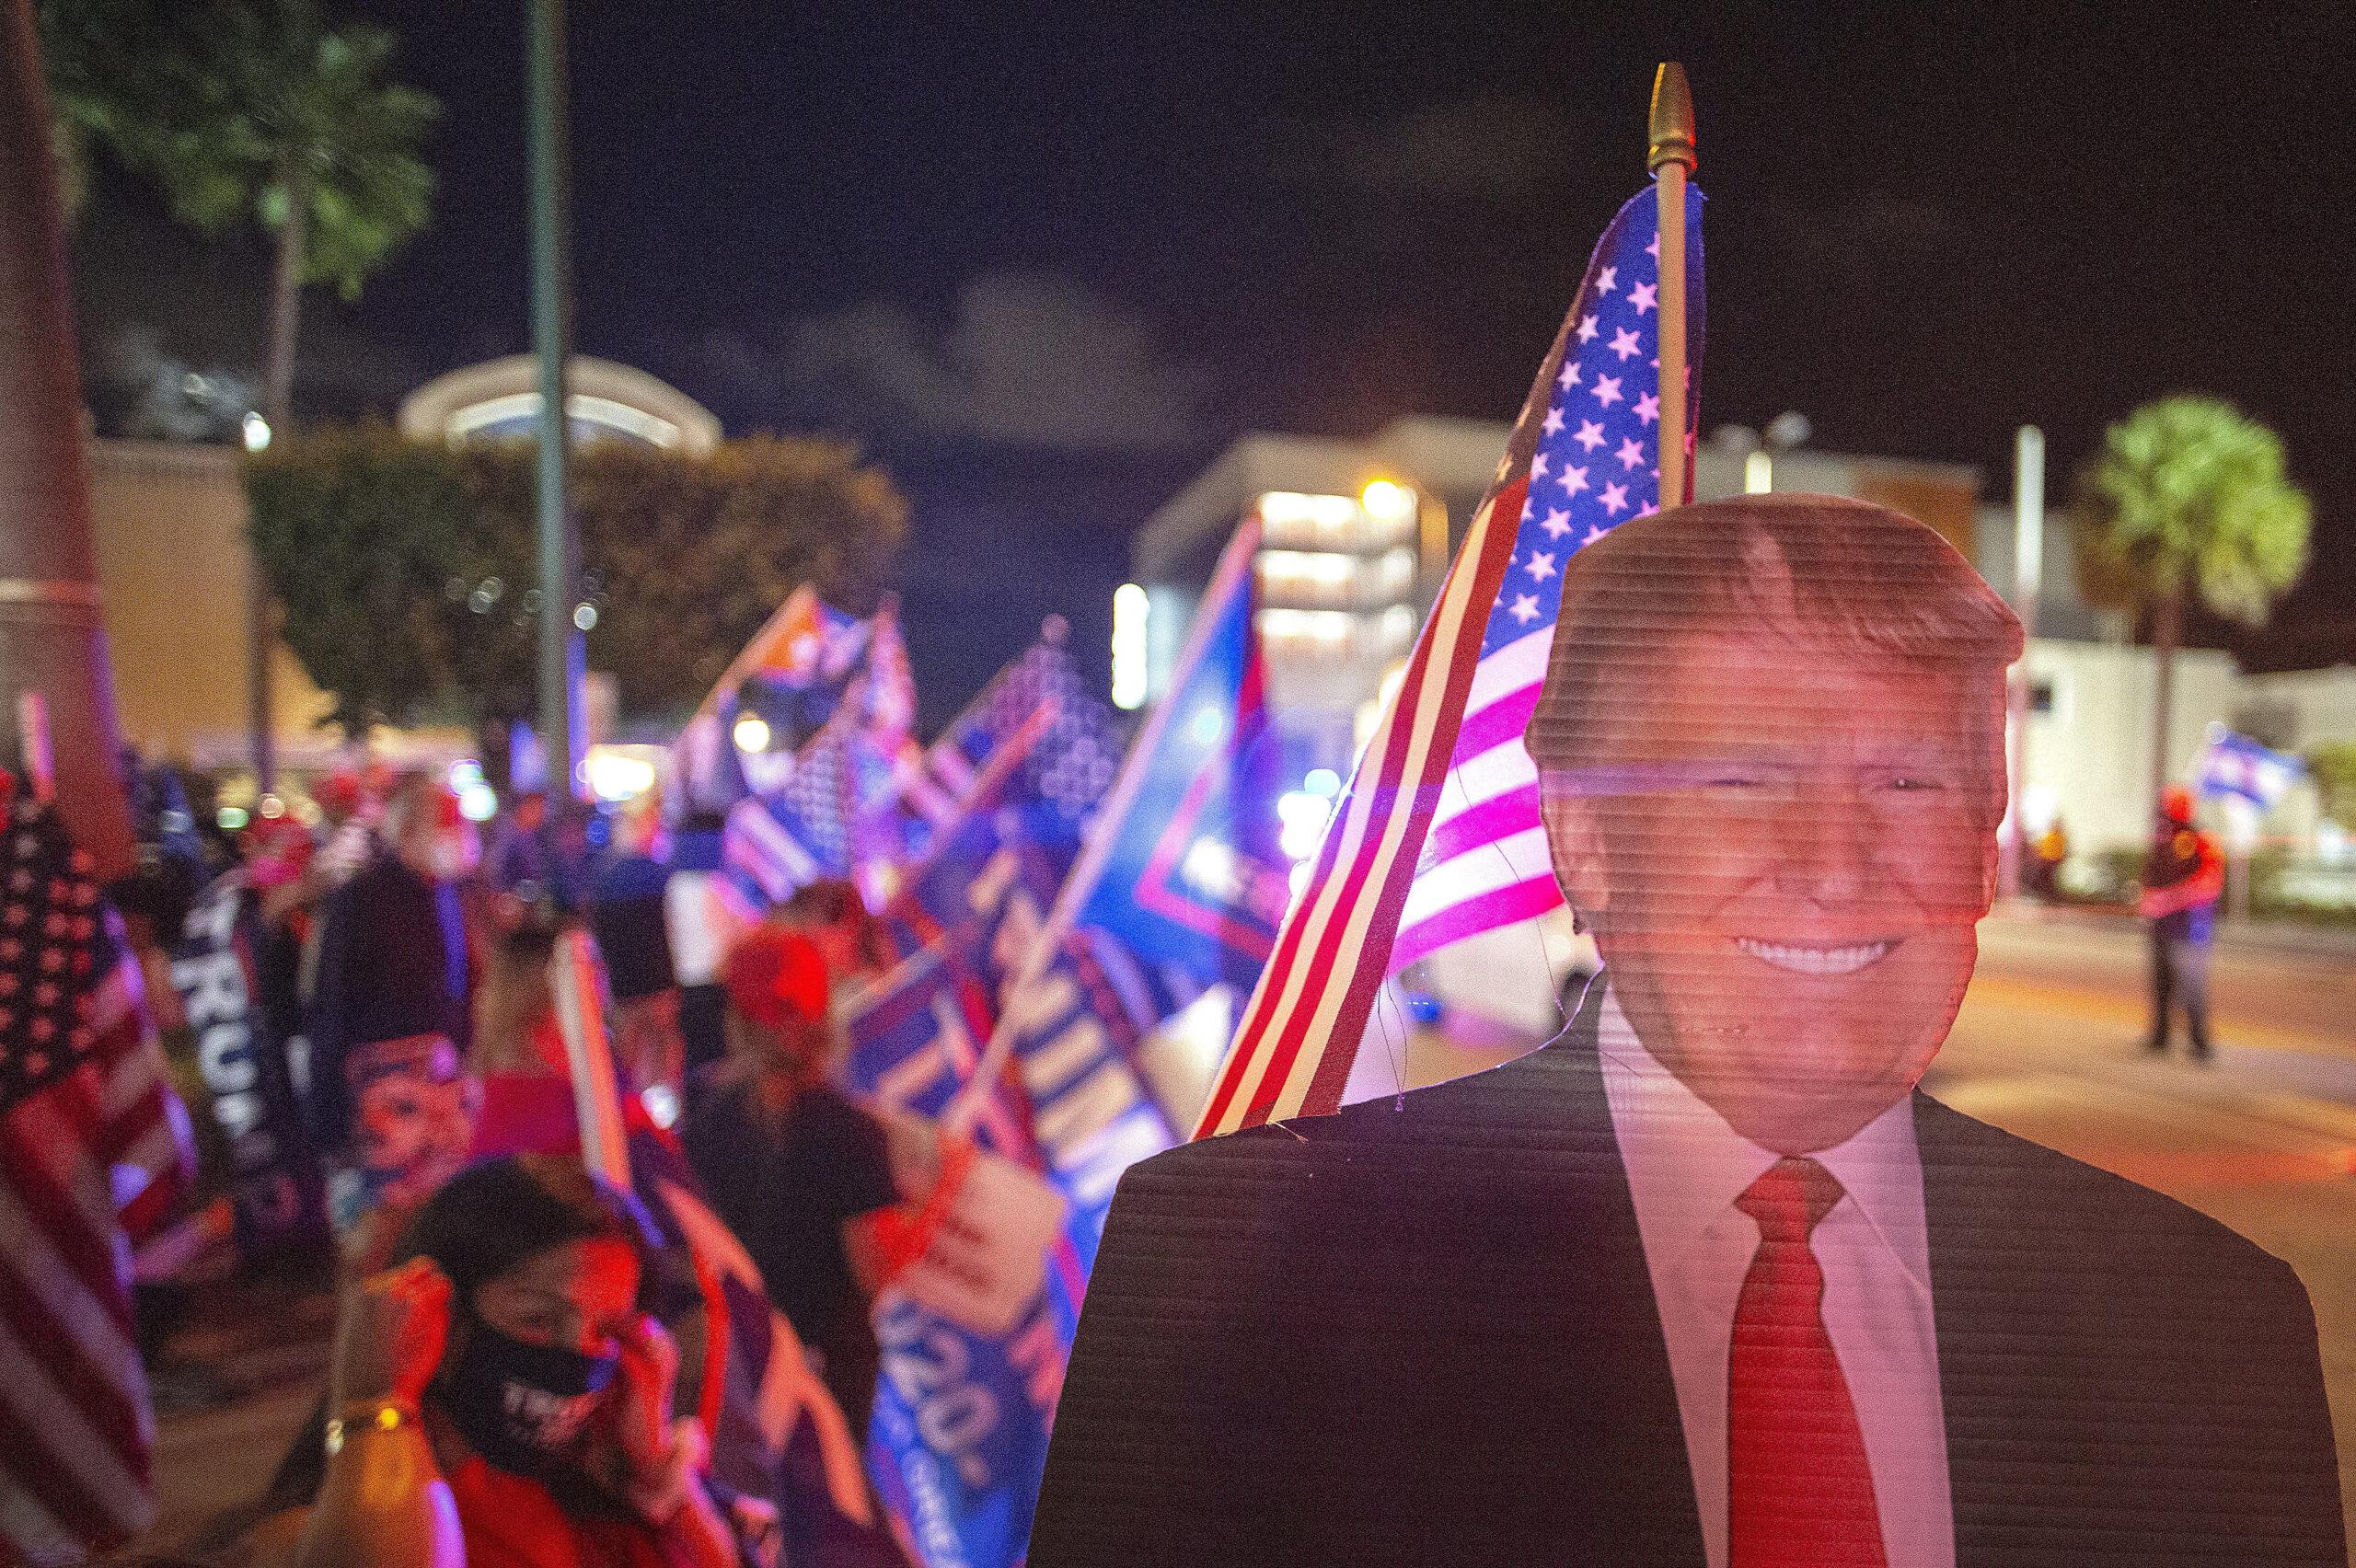 Miért szavazott ilyen sok kisebbségi választó Trumpra?